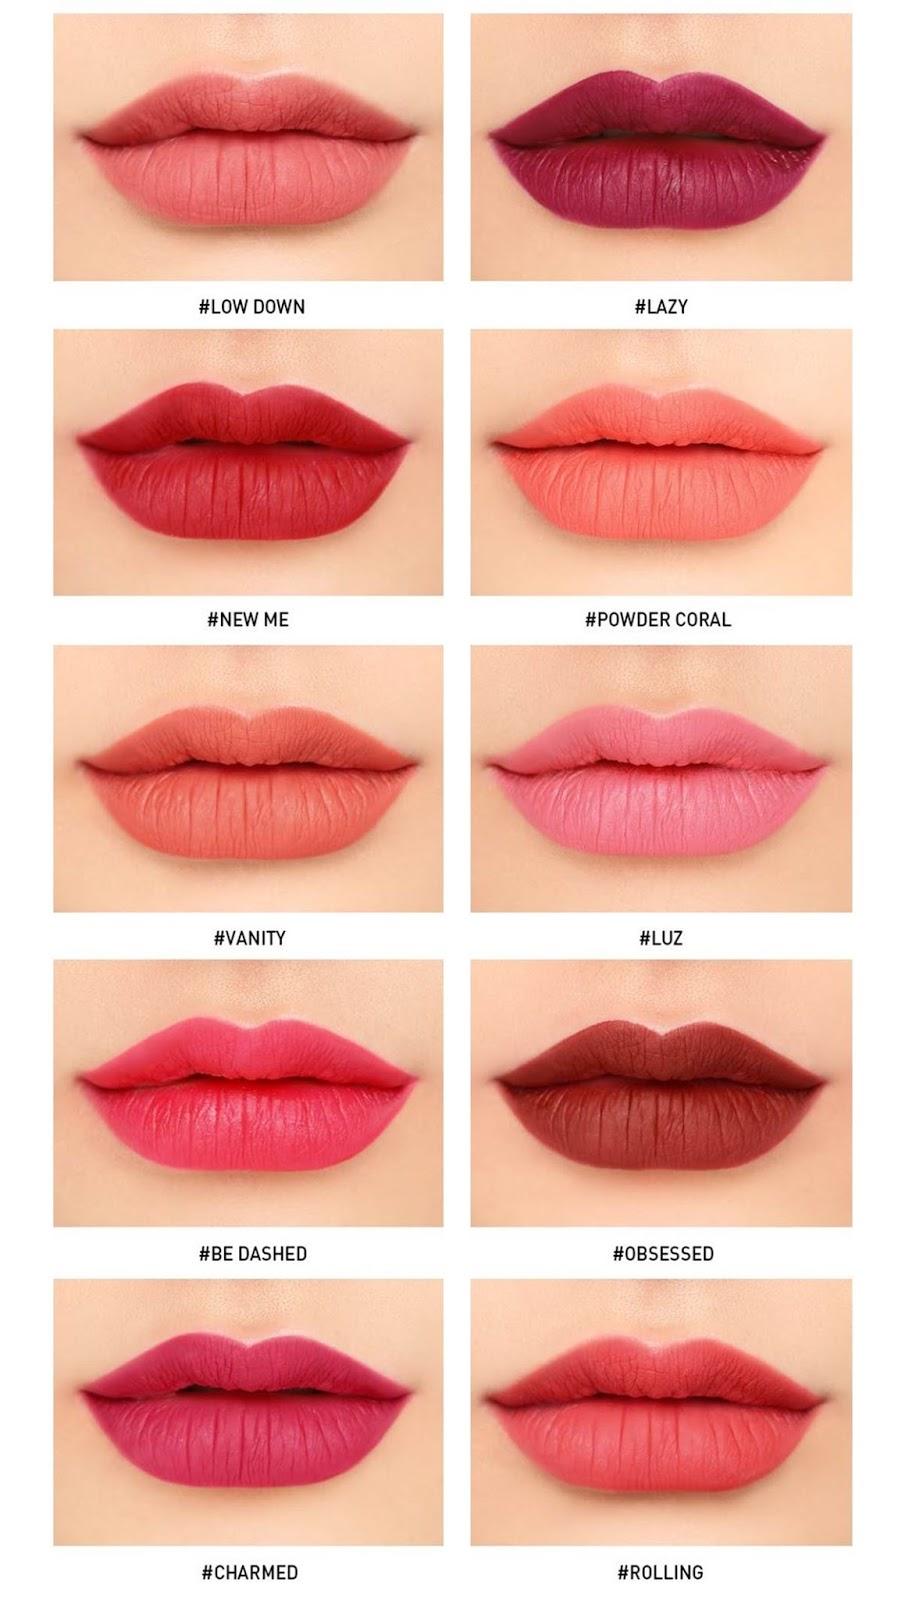 Lip color images 22